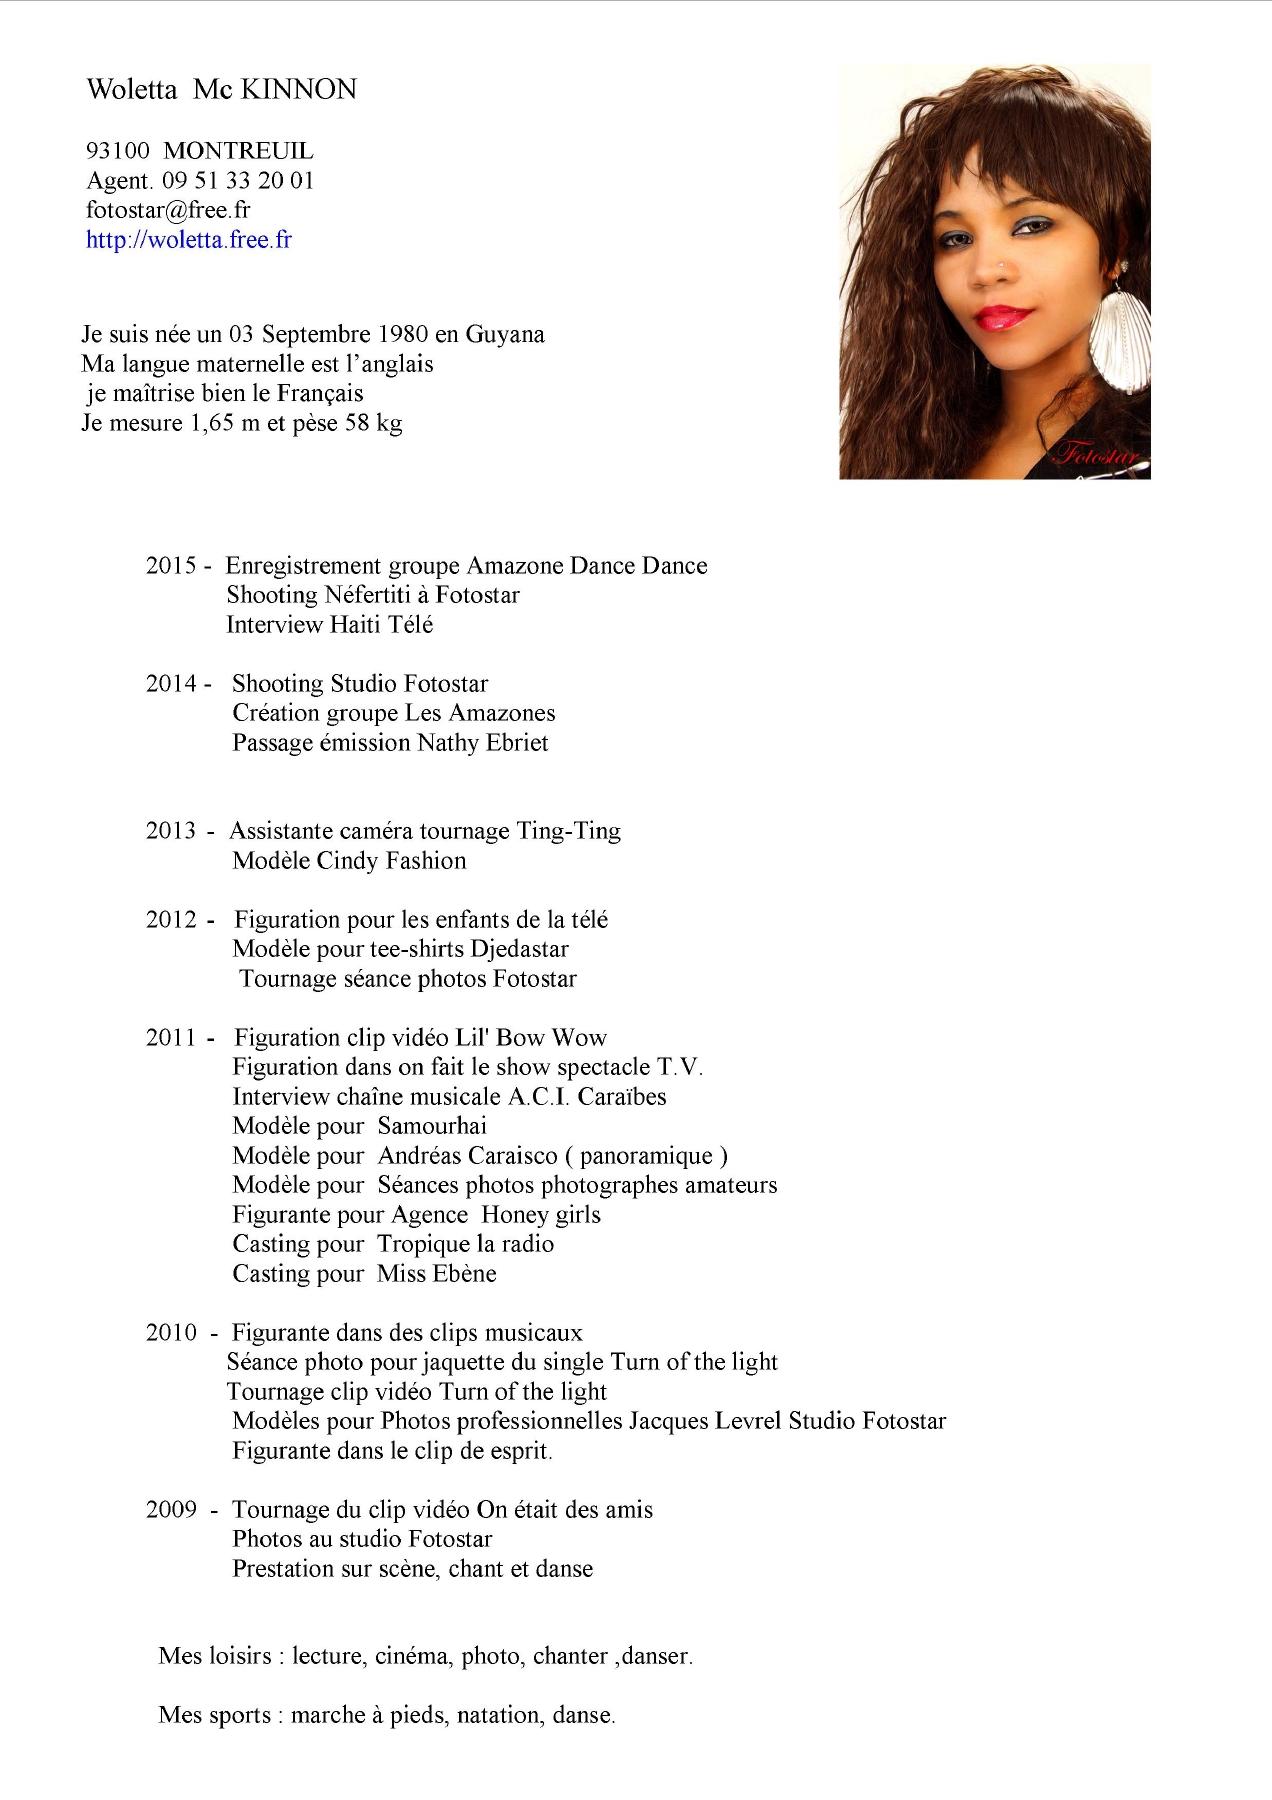 Exemple de CV auteur-compositeur interprete interprete